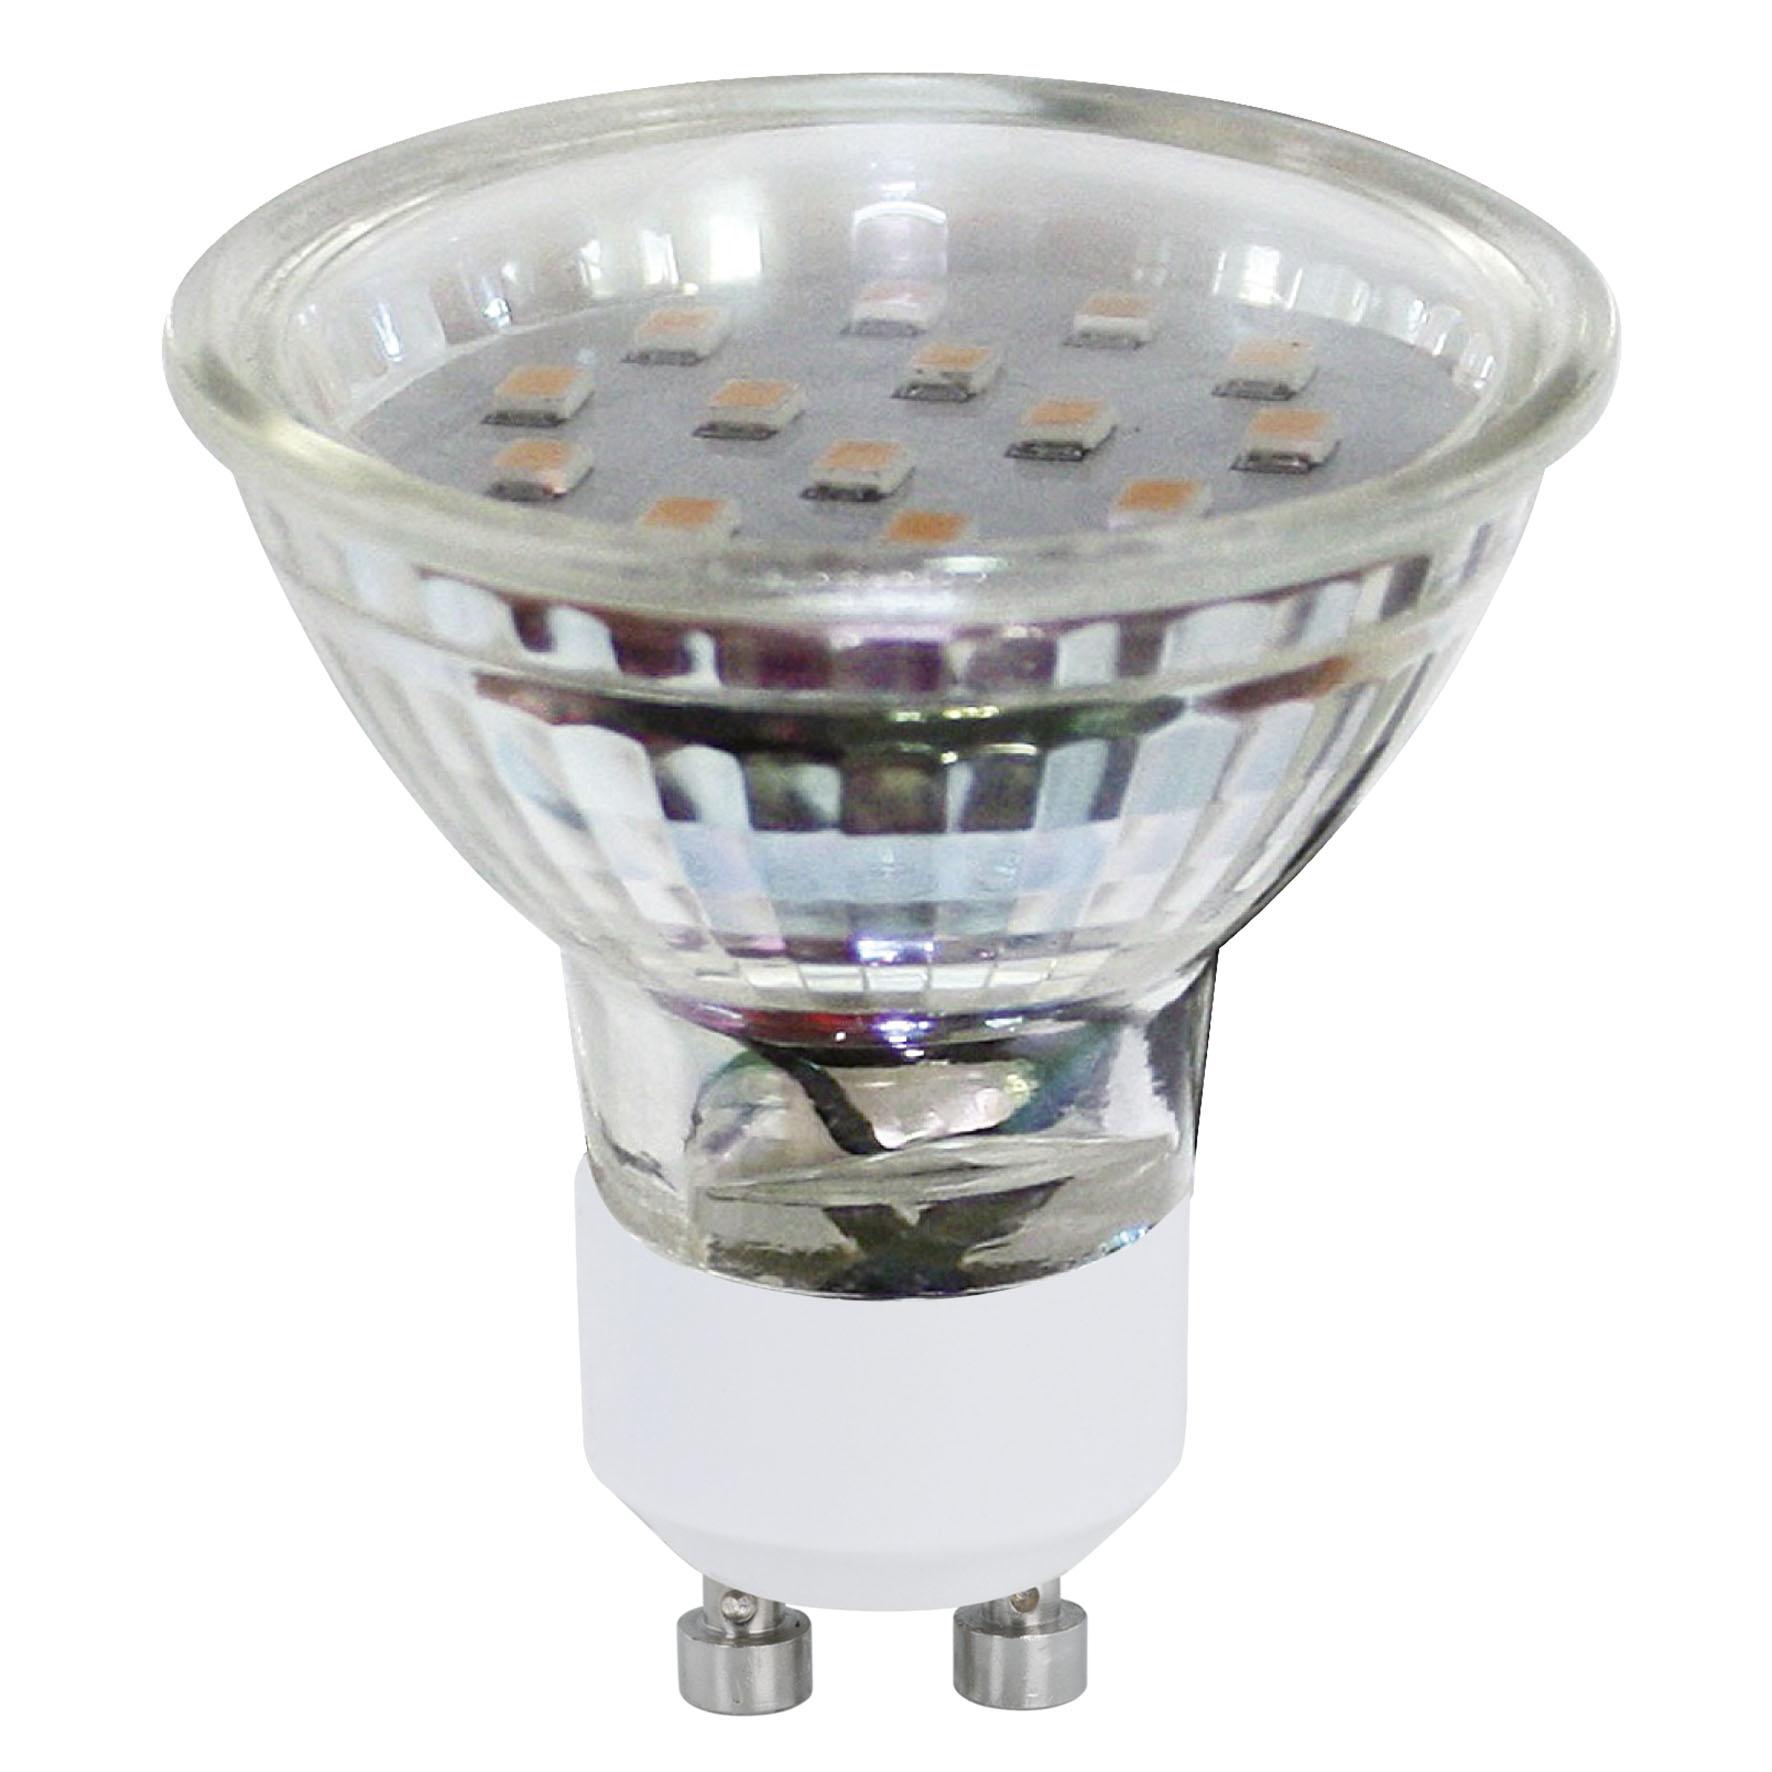 1505982109_eglo_gu10 Erstaunlich Led Leuchtmittel Gu 10 Dekorationen